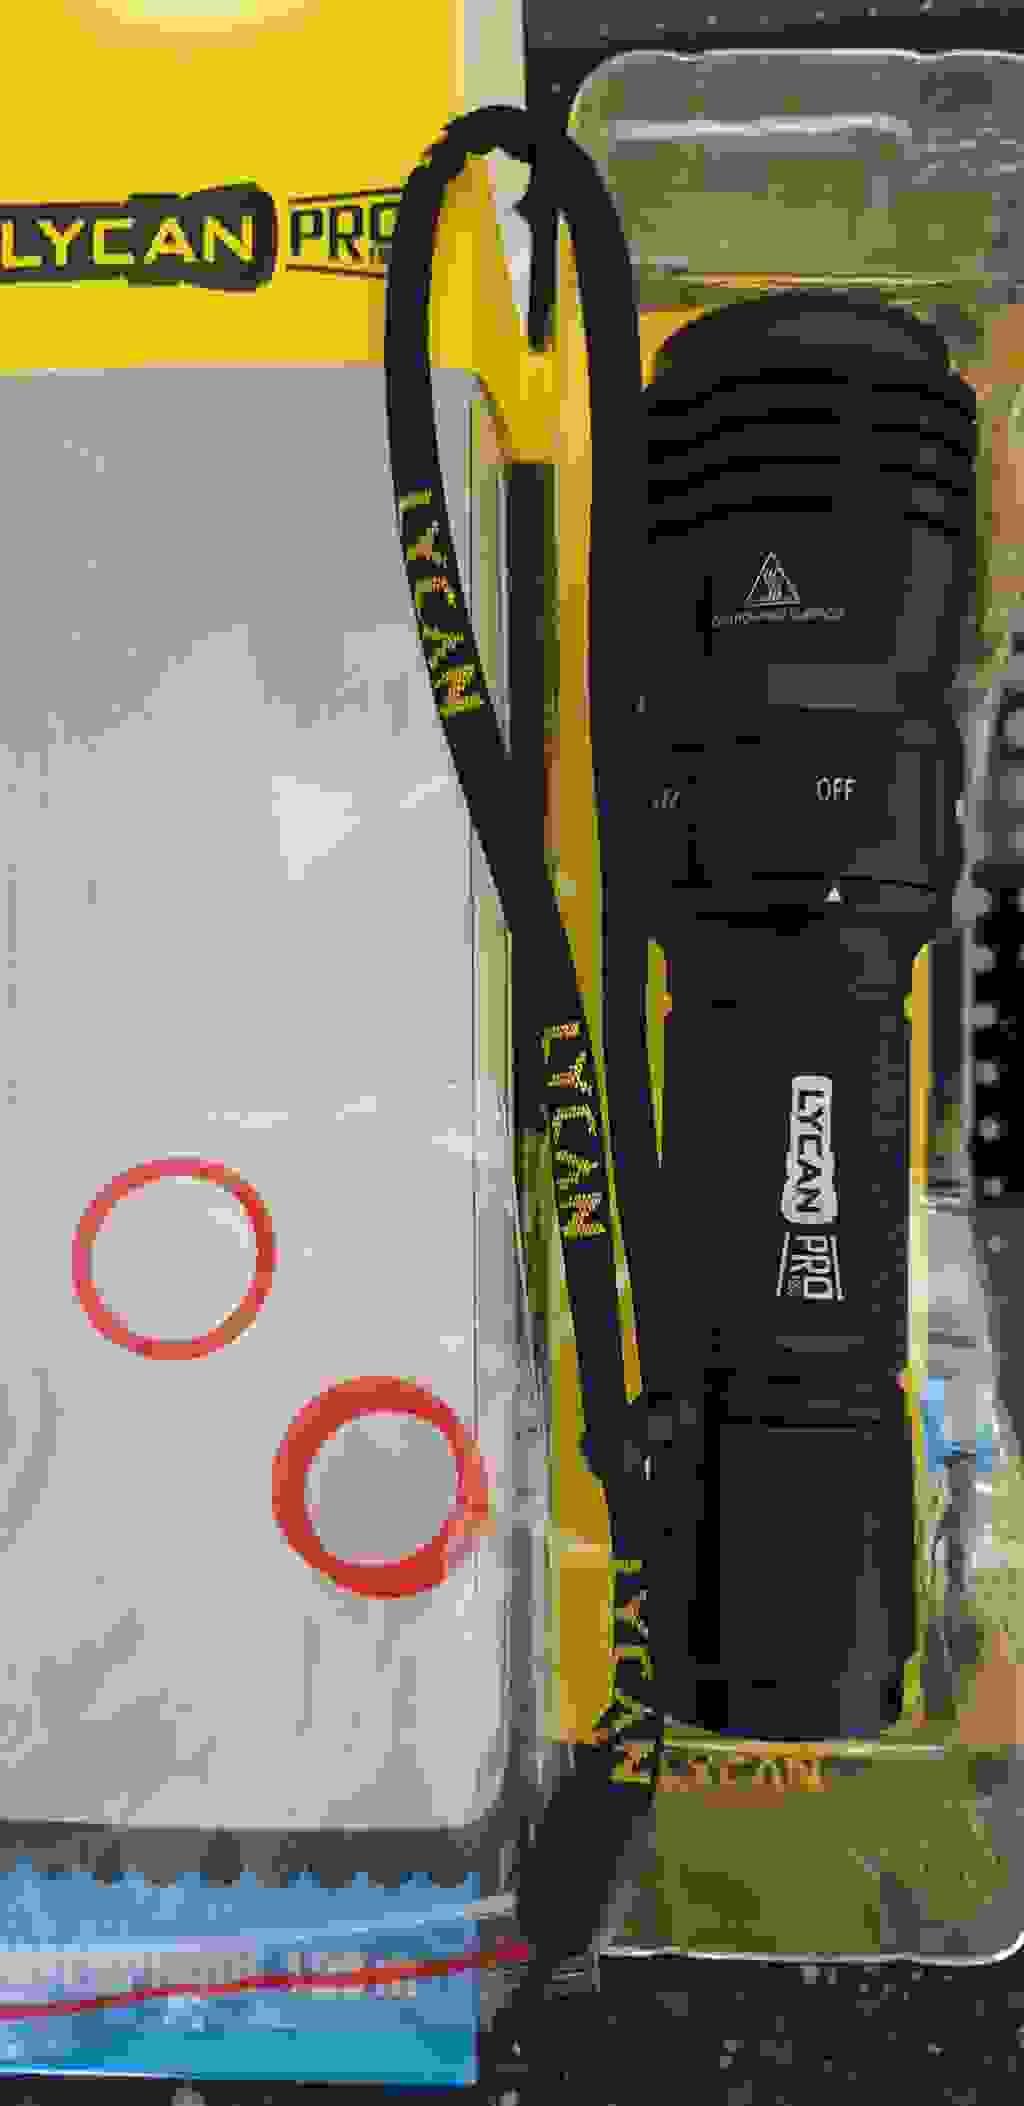 라이칸 프로1200 해루질 써치 100m 방수 다이빙 랜턴 직진형  리뷰 후기